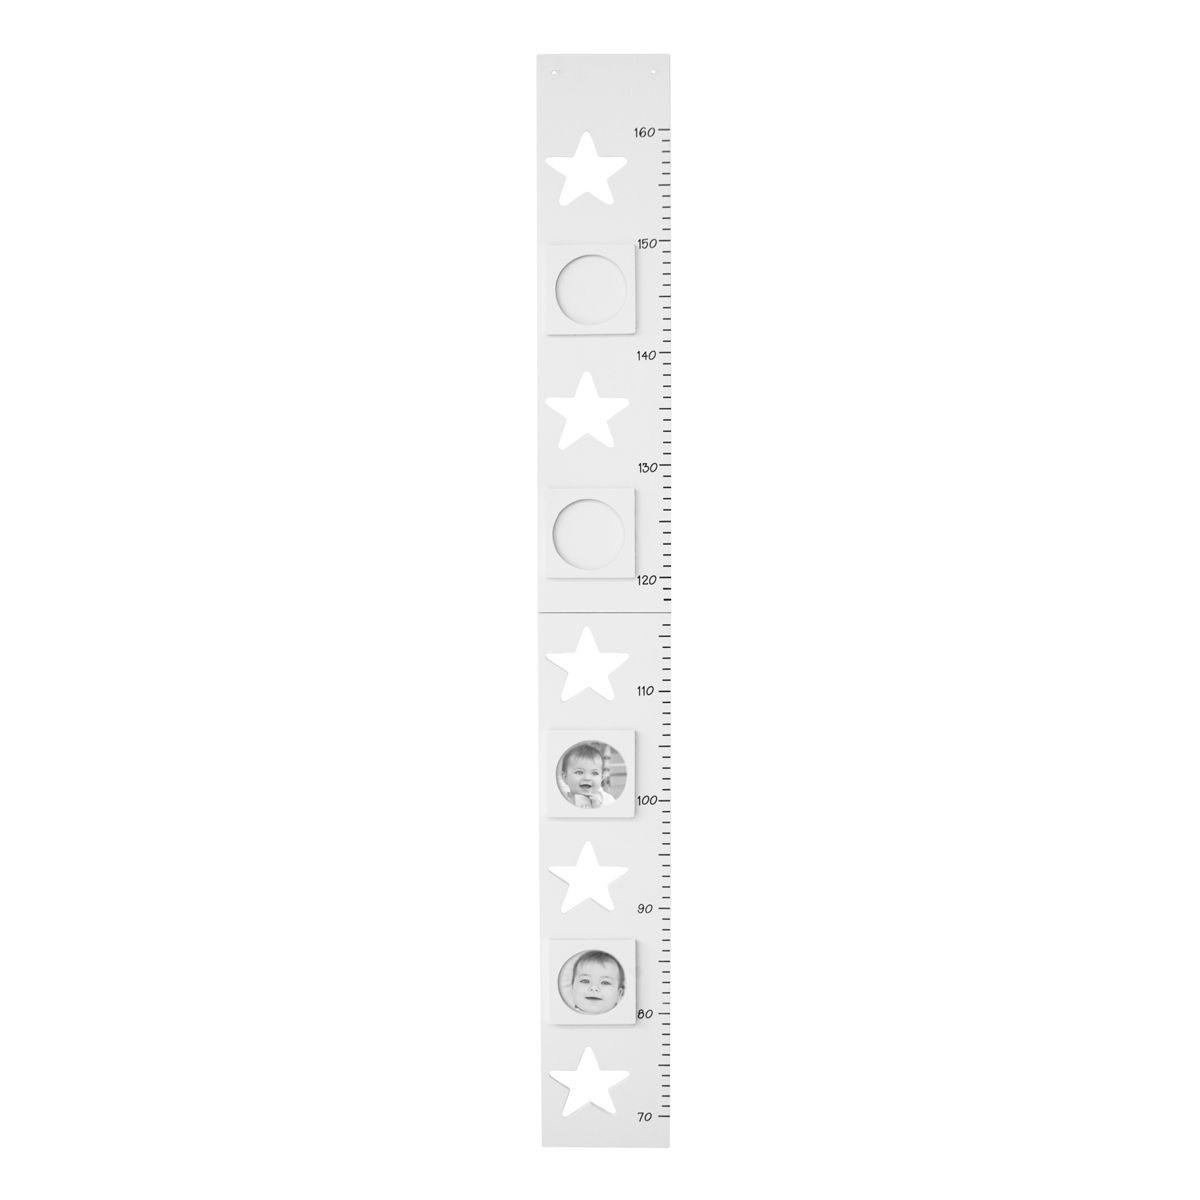 Full Size of Holz Messlatte Sterne In Wei Von Kids Concept Kaufen Regal Kinderzimmer Weiß Regale Sofa Kinderzimmer Messlatte Kinderzimmer